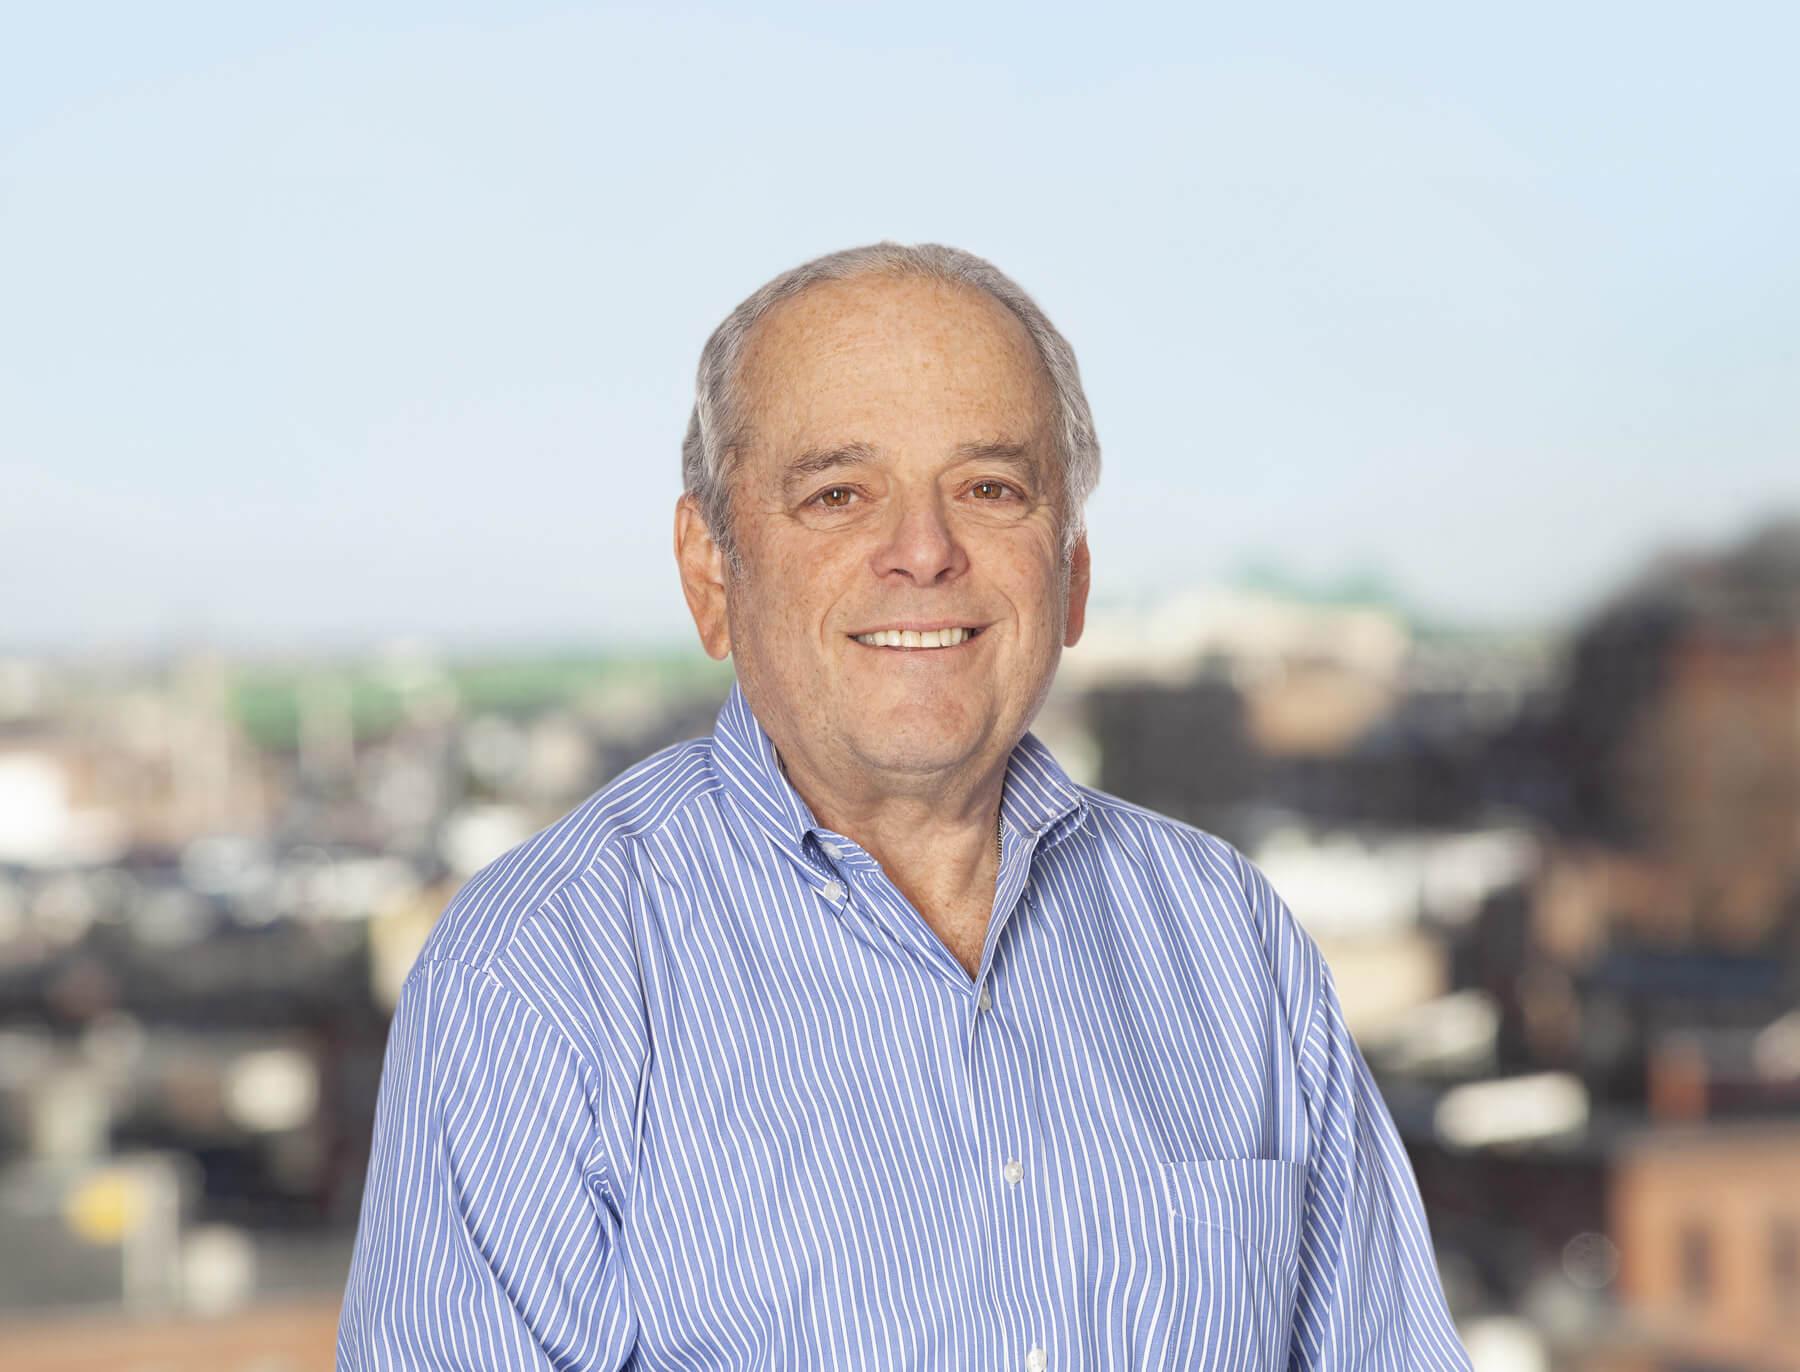 Alan S. Gerofsky